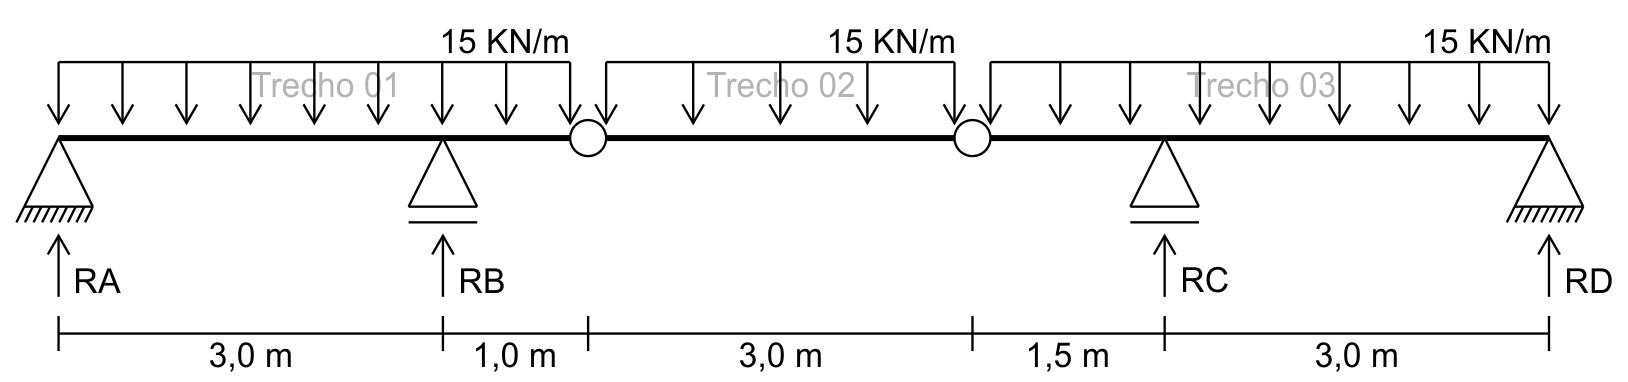 Viga Gerber - Trecho 04